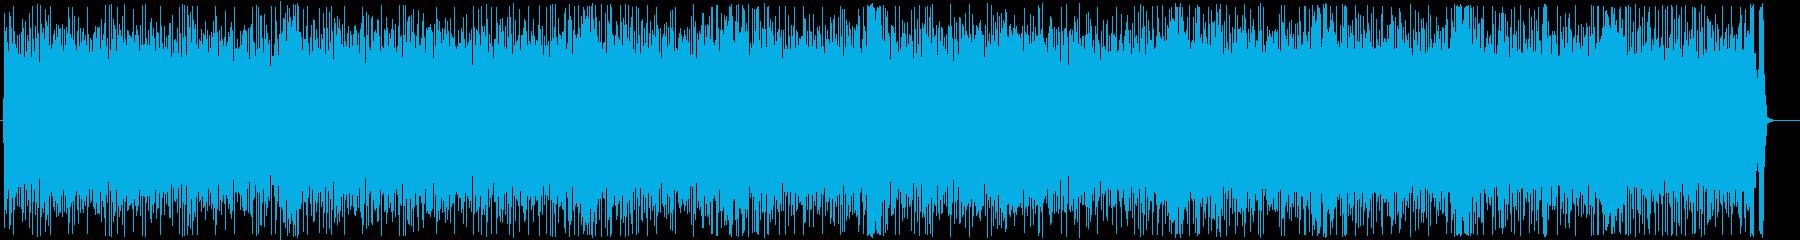 攻撃的なヘビーメタルインストの再生済みの波形